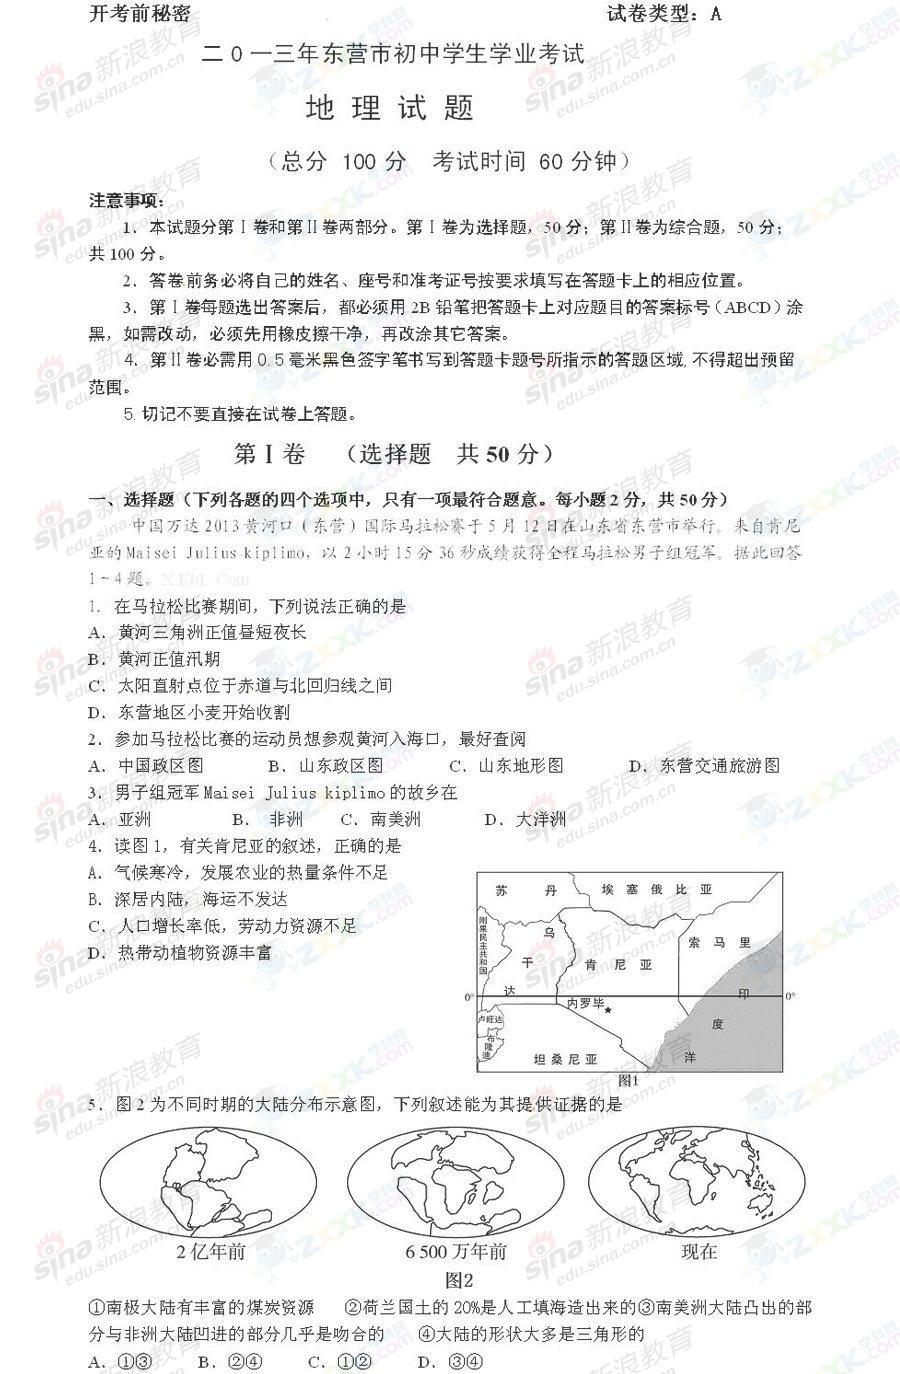 2013年中考地理试题及参考答案(山东东营卷)